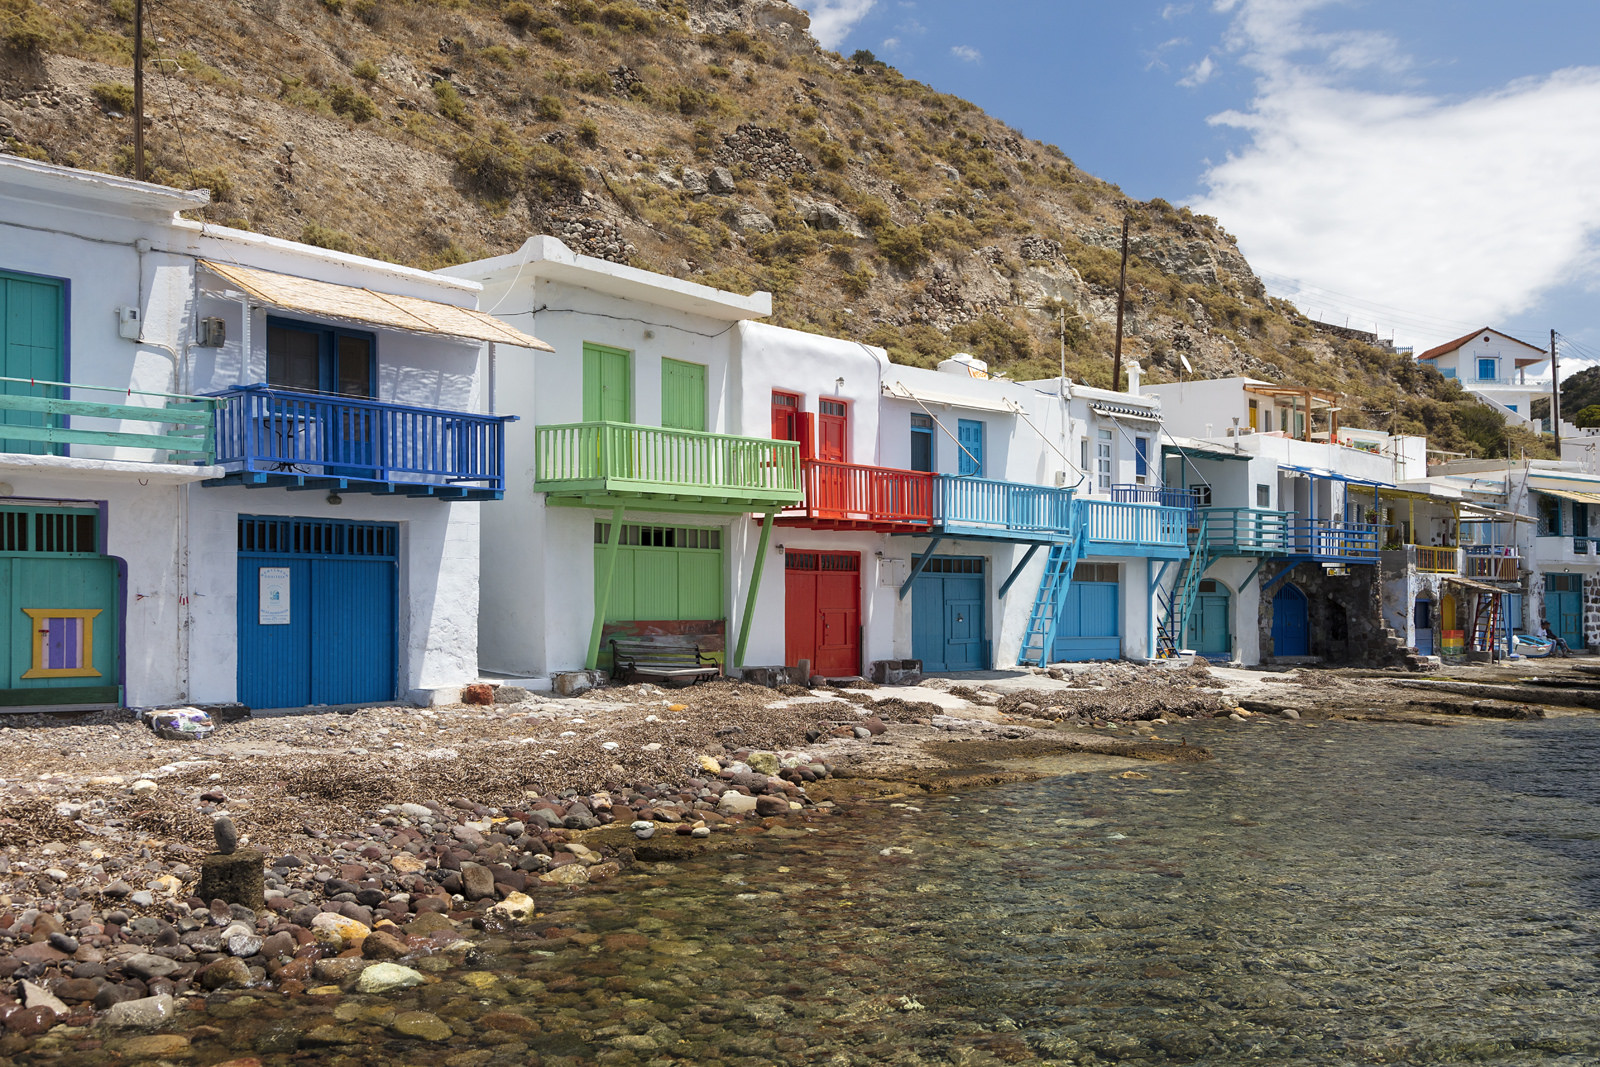 Milos, Cyclades